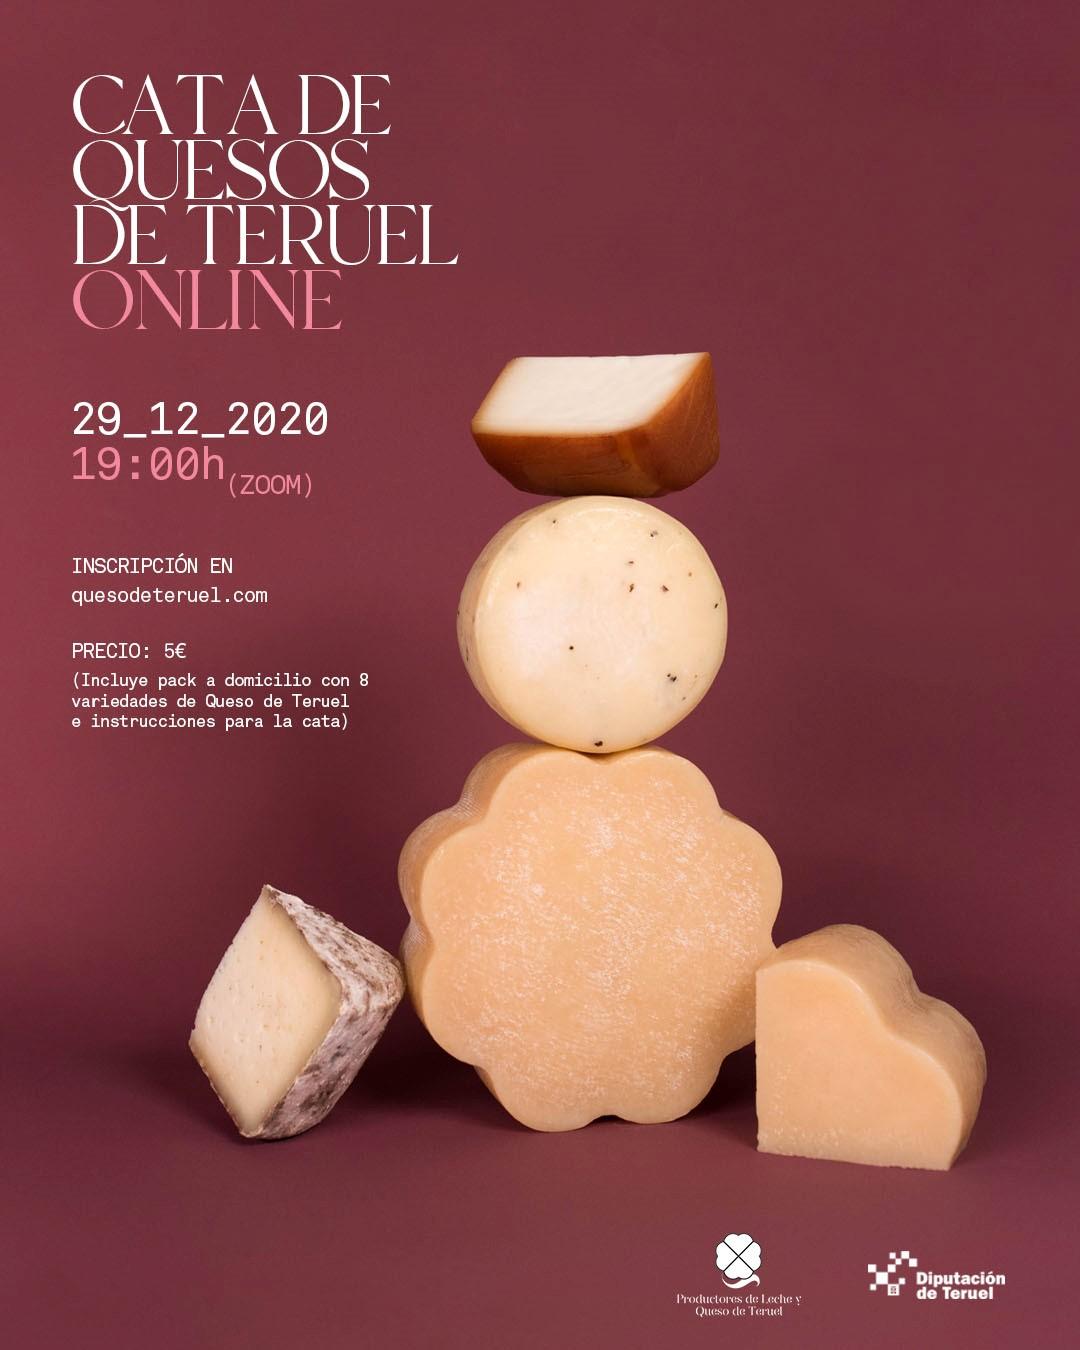 Cata de quesos de Teruel